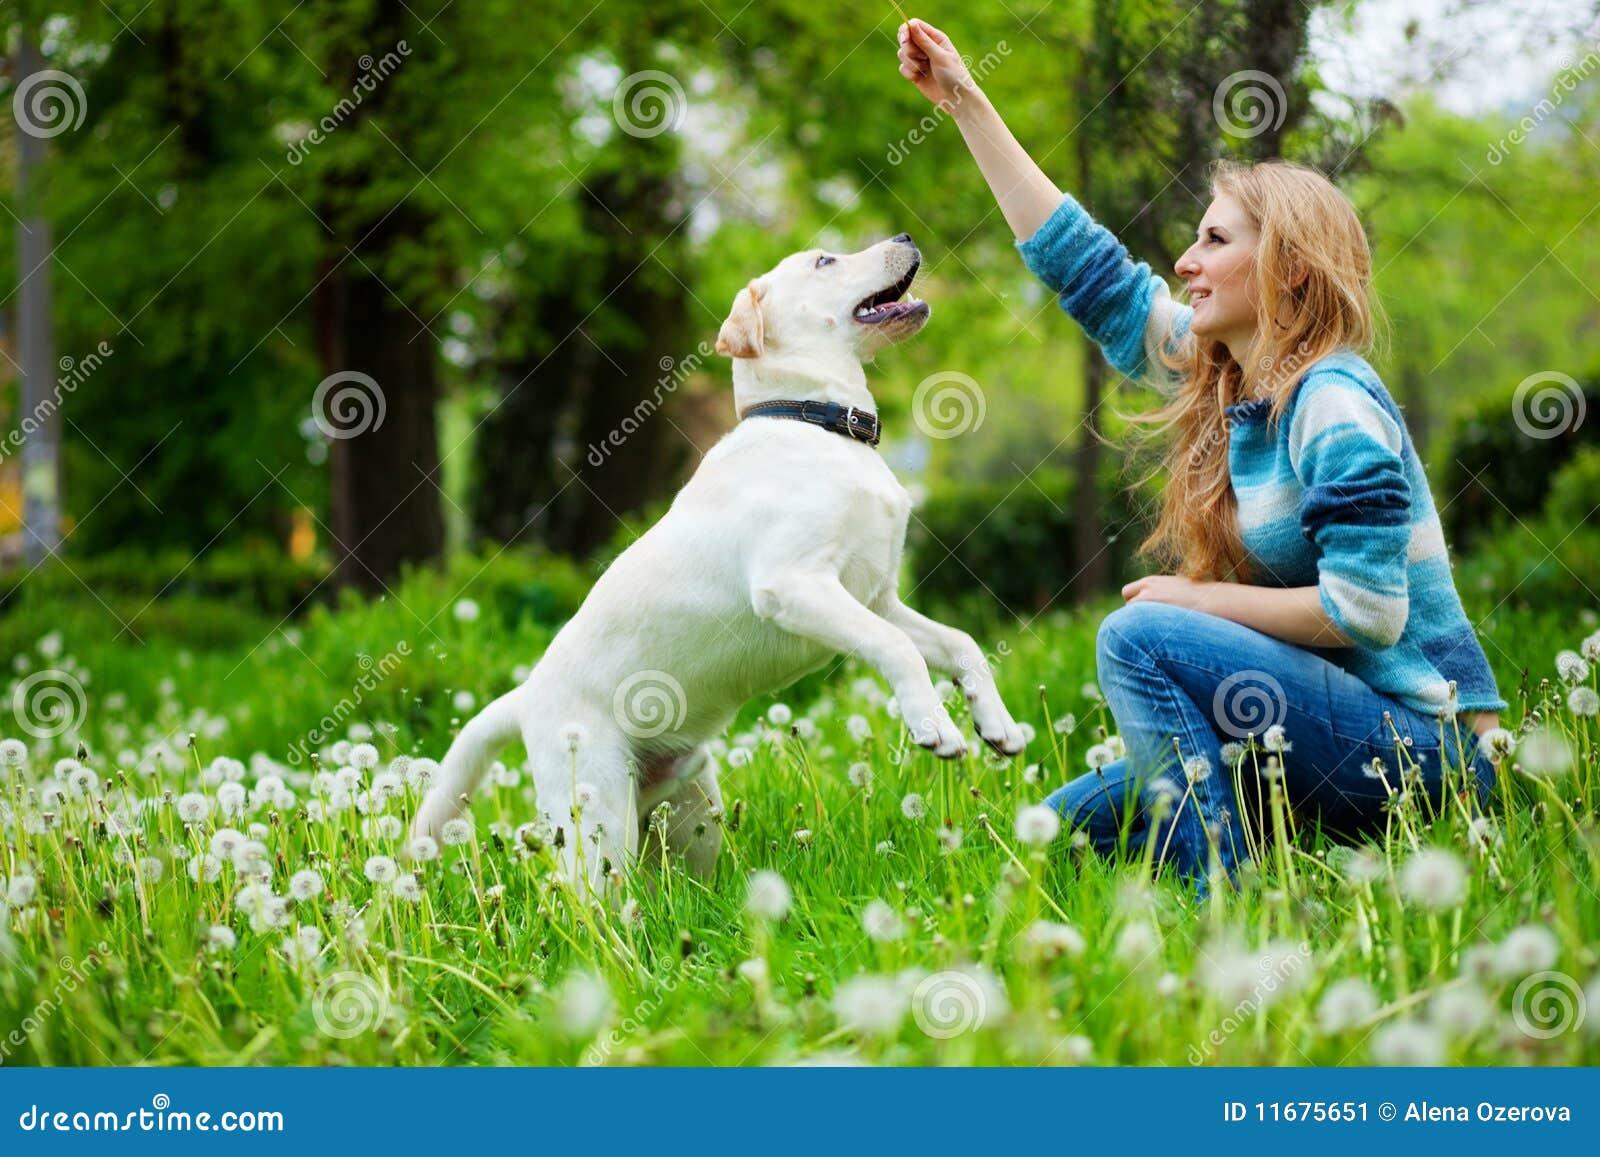 Spielen mit Hund